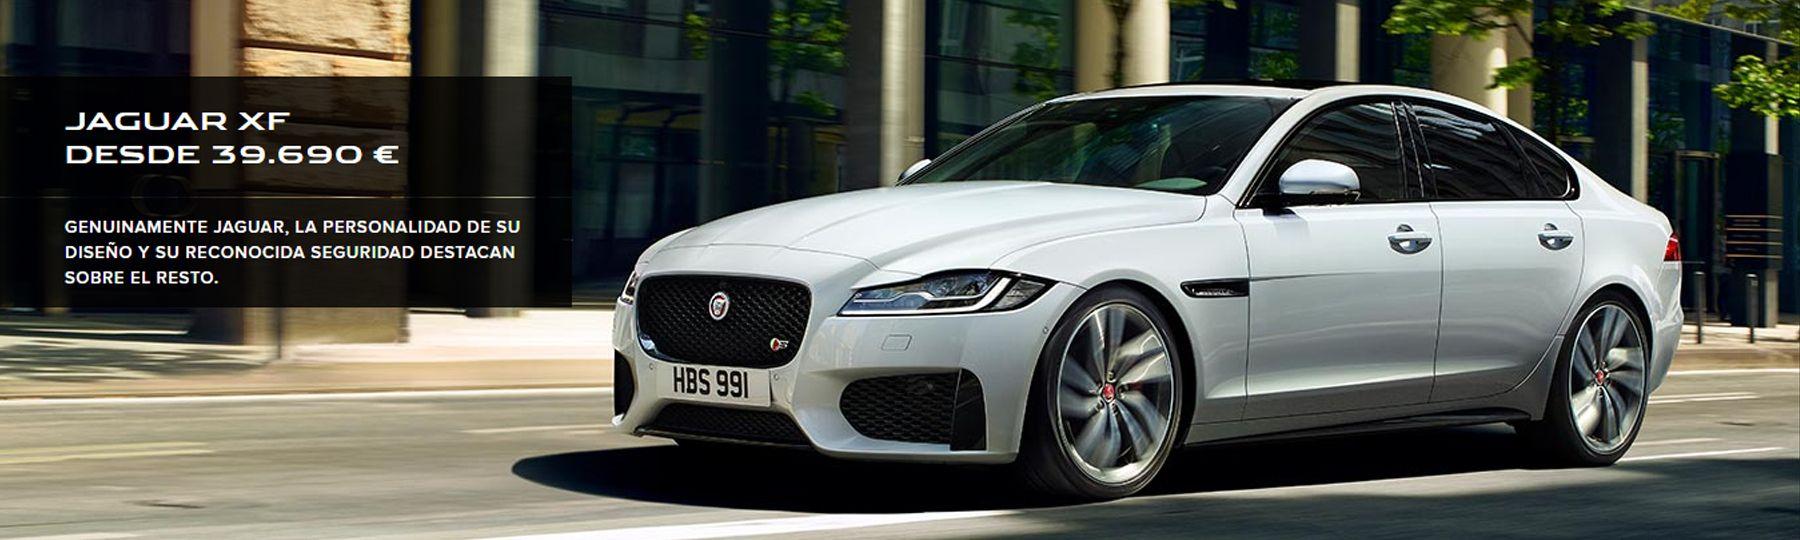 Jaguar XF desde 39.690€